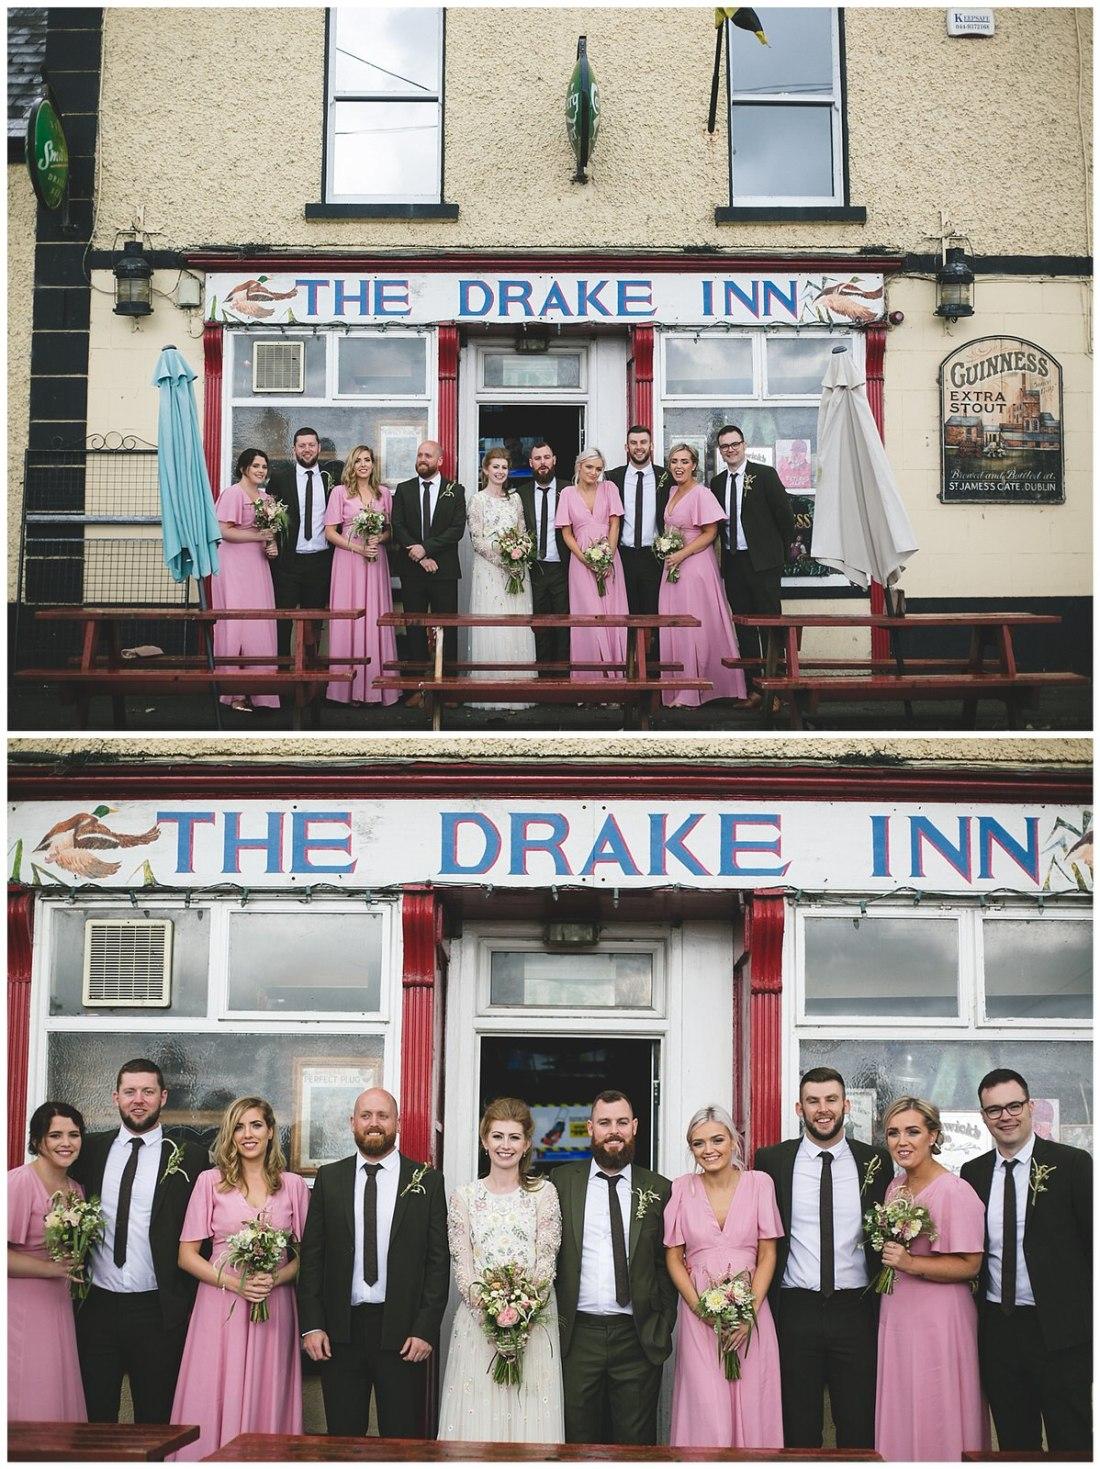 The Drake Inn Pub